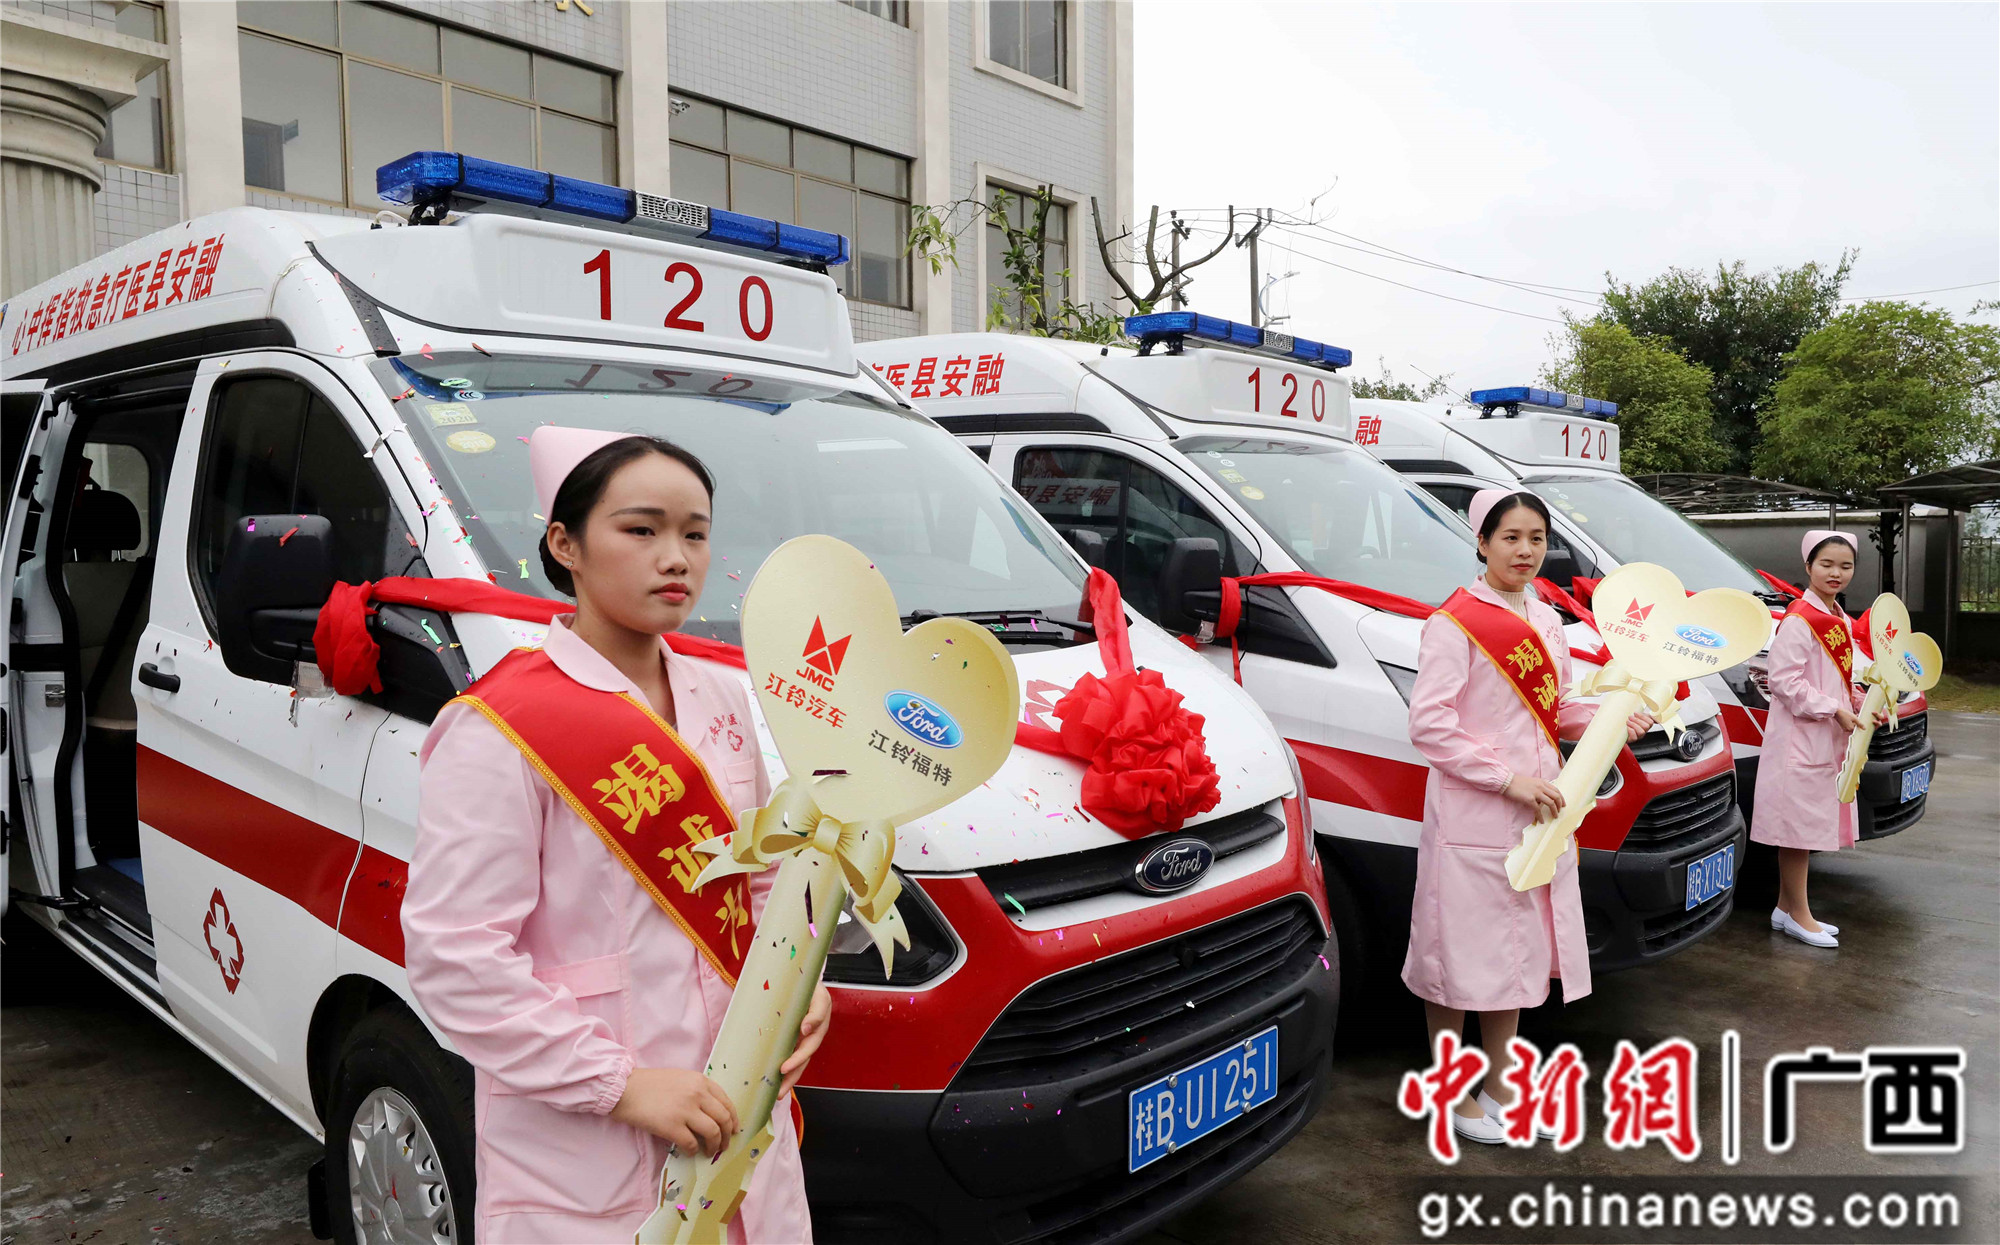 救护车送开户送体验金山区医院